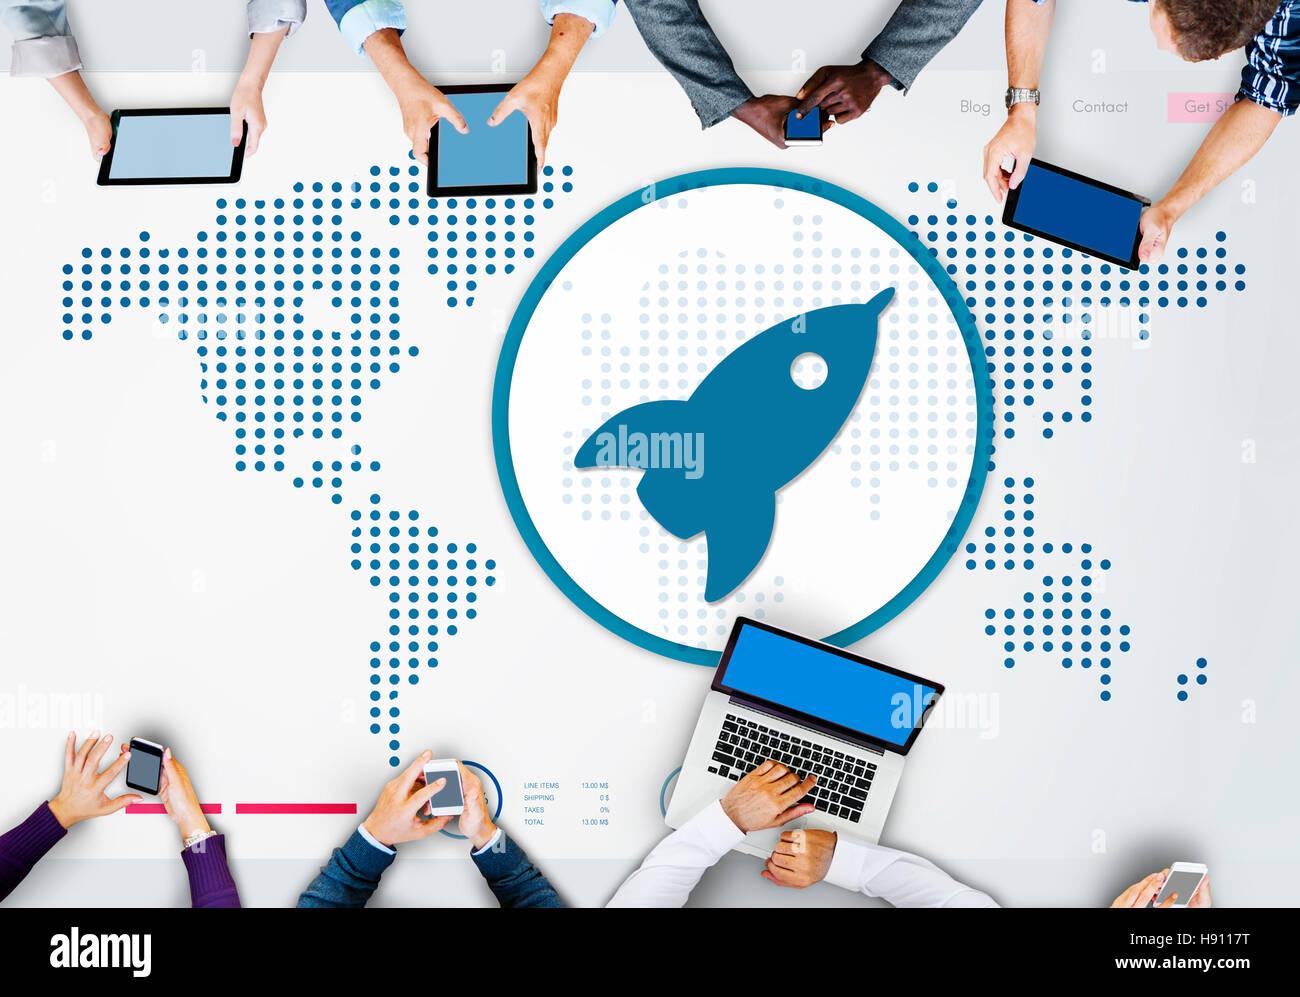 Start starten neue Business Erfolg Wachstumskonzept Stockbild